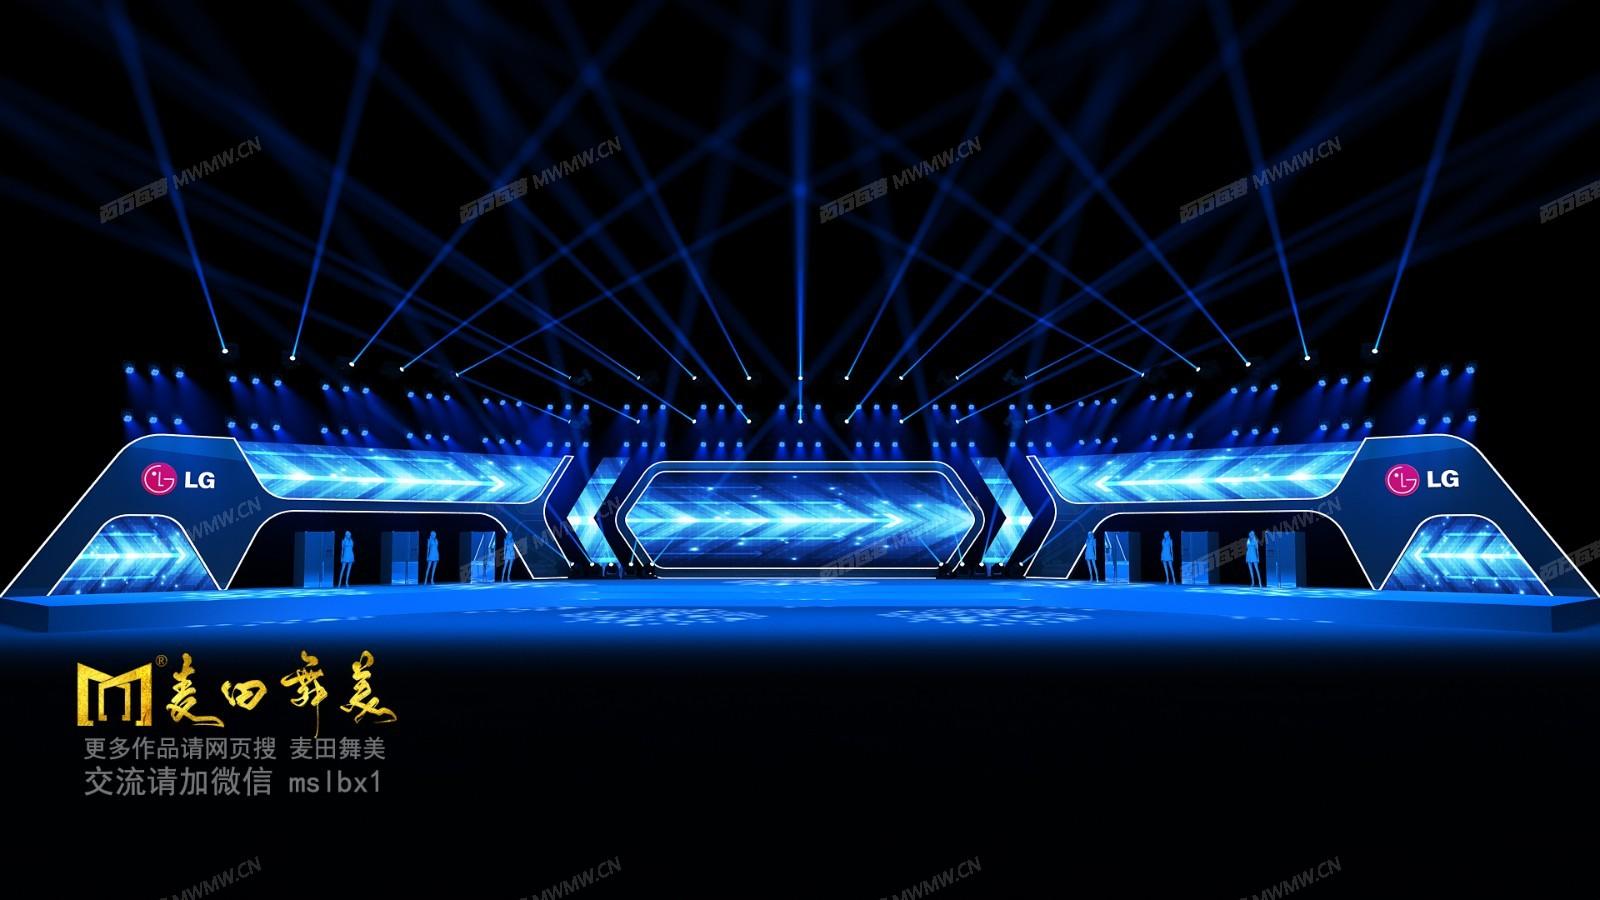 舞美效果图 舞台效果图 舞美设计图 舞台设计图 麦田舞美 舞美咖 时装发布会 发布会舞美 发布会舞台 新品发 ...